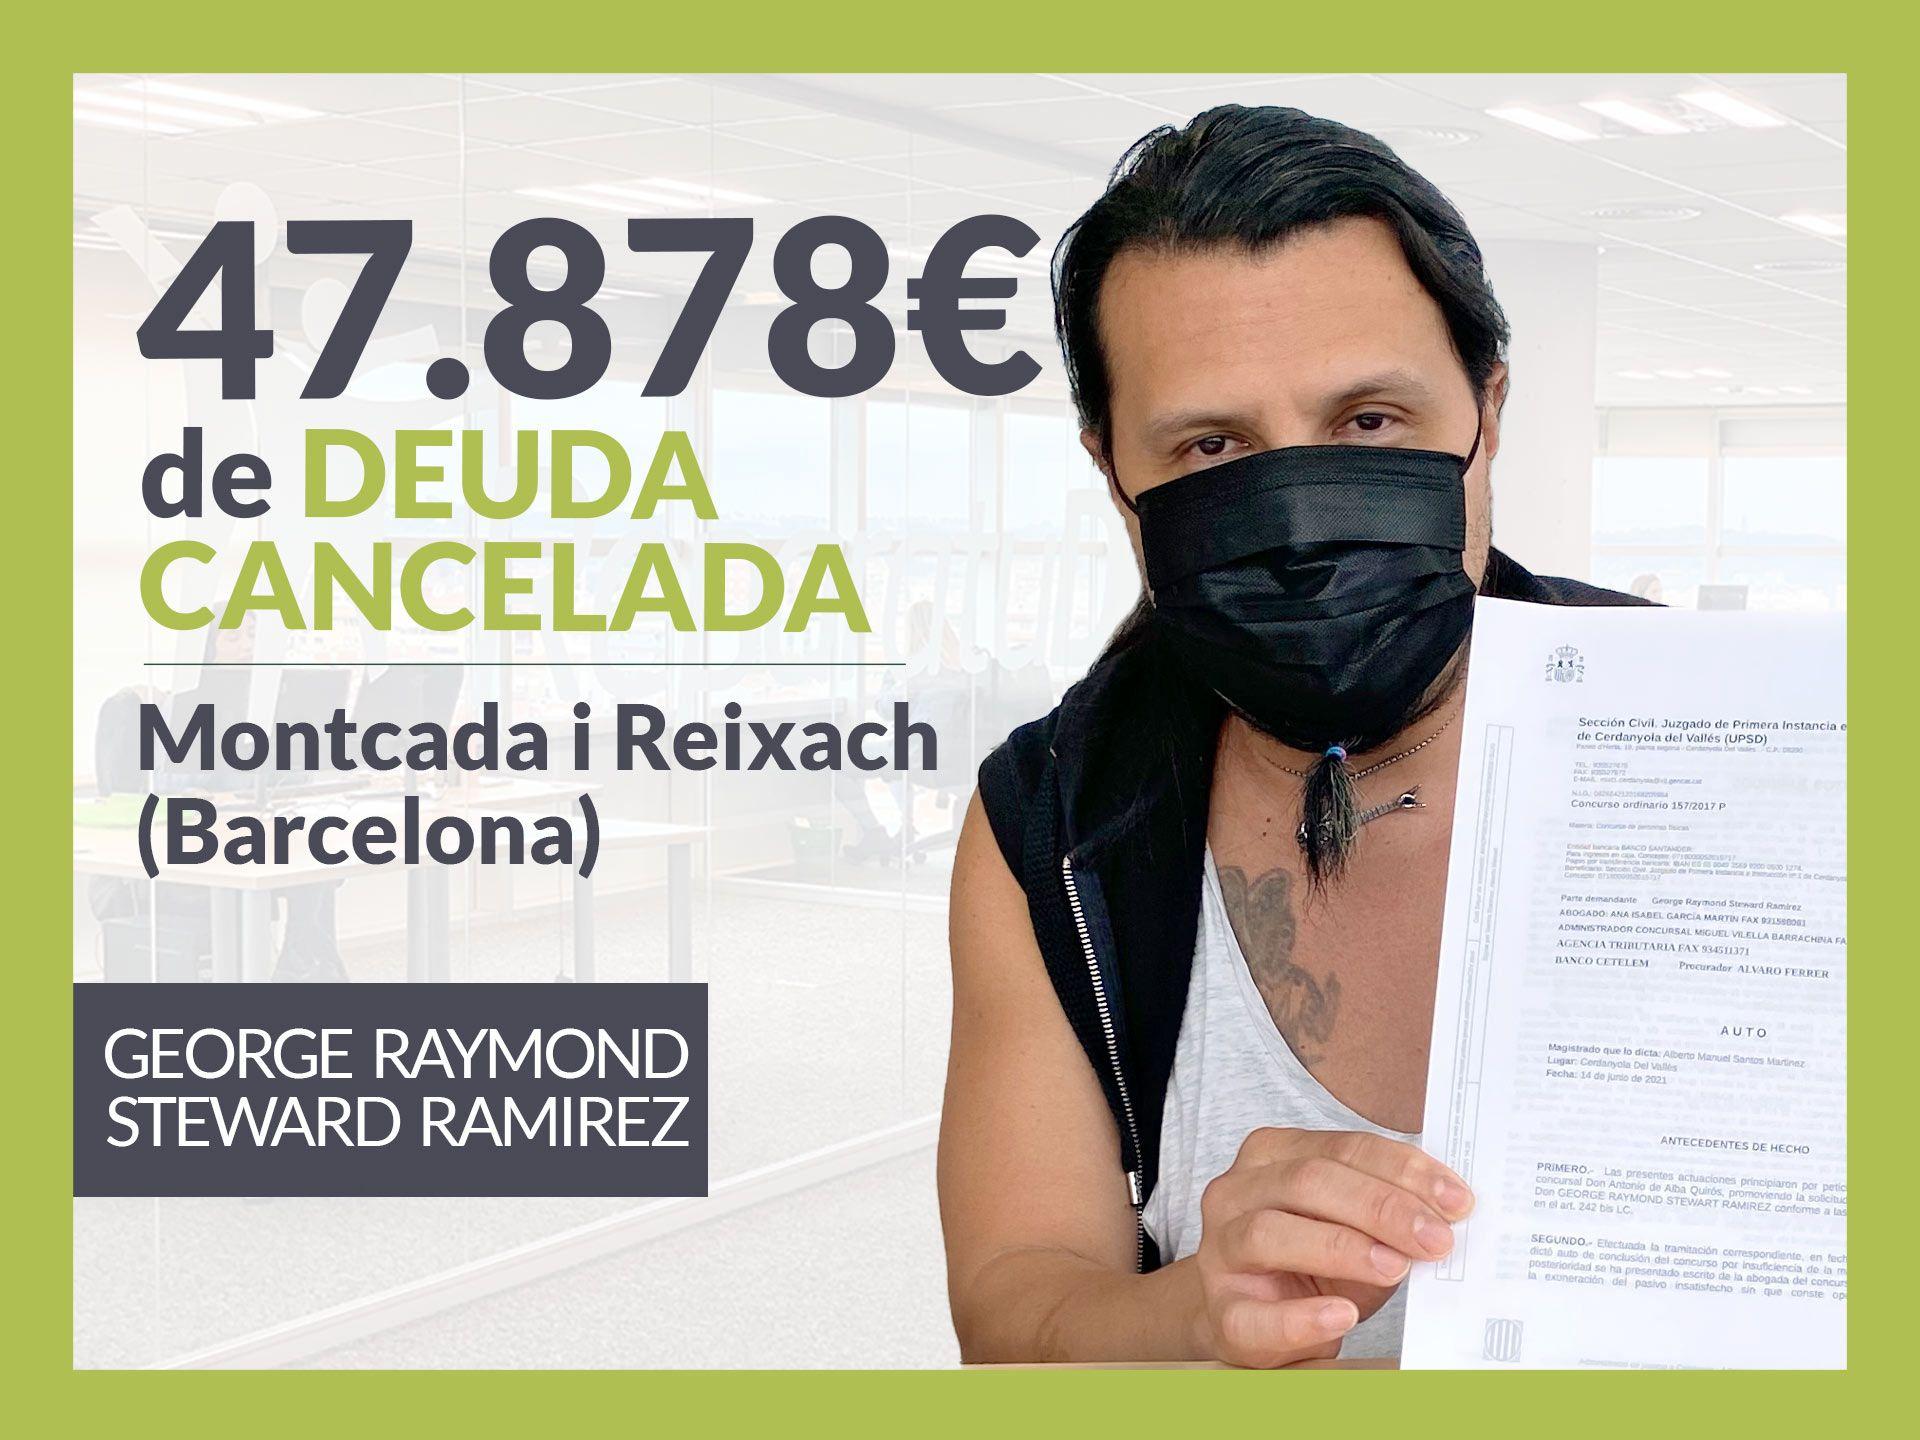 Repara tu Deuda Abogados cancela 47.858? en Montcada i Reixach con la Ley de Segunda Oportunidad